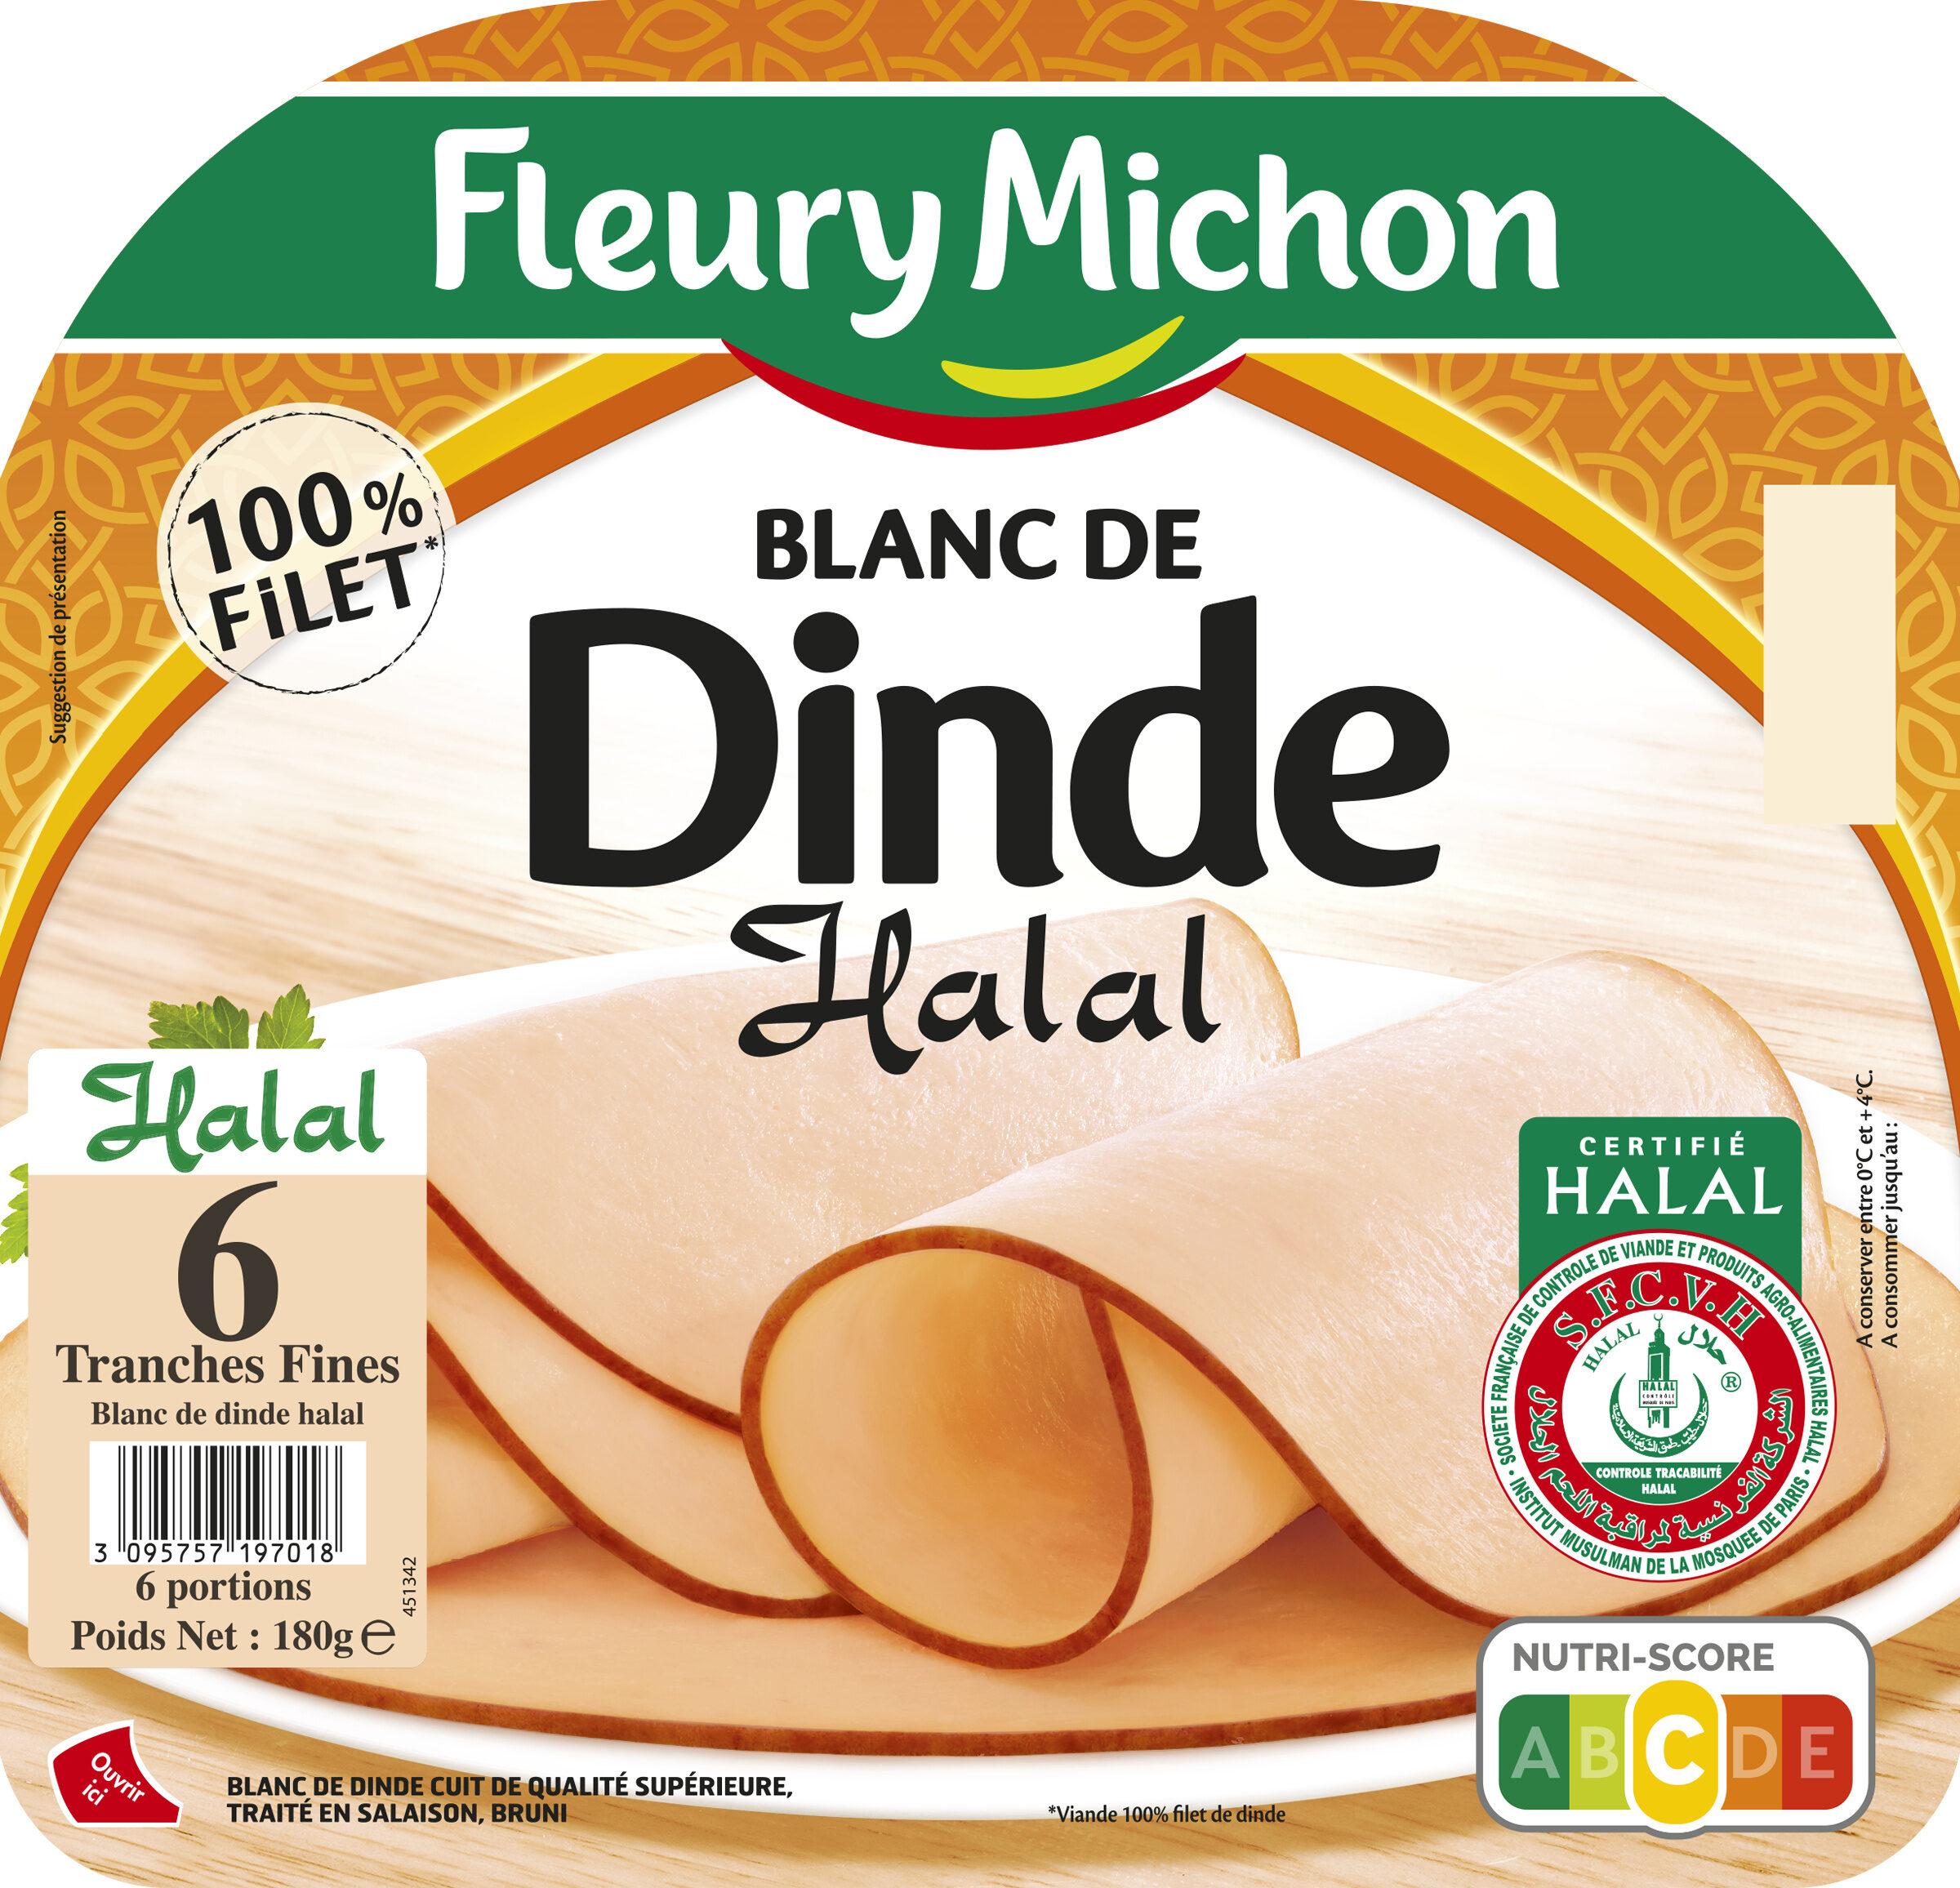 Blanc de dinde Halal - 6 tranches fines - Produit - fr